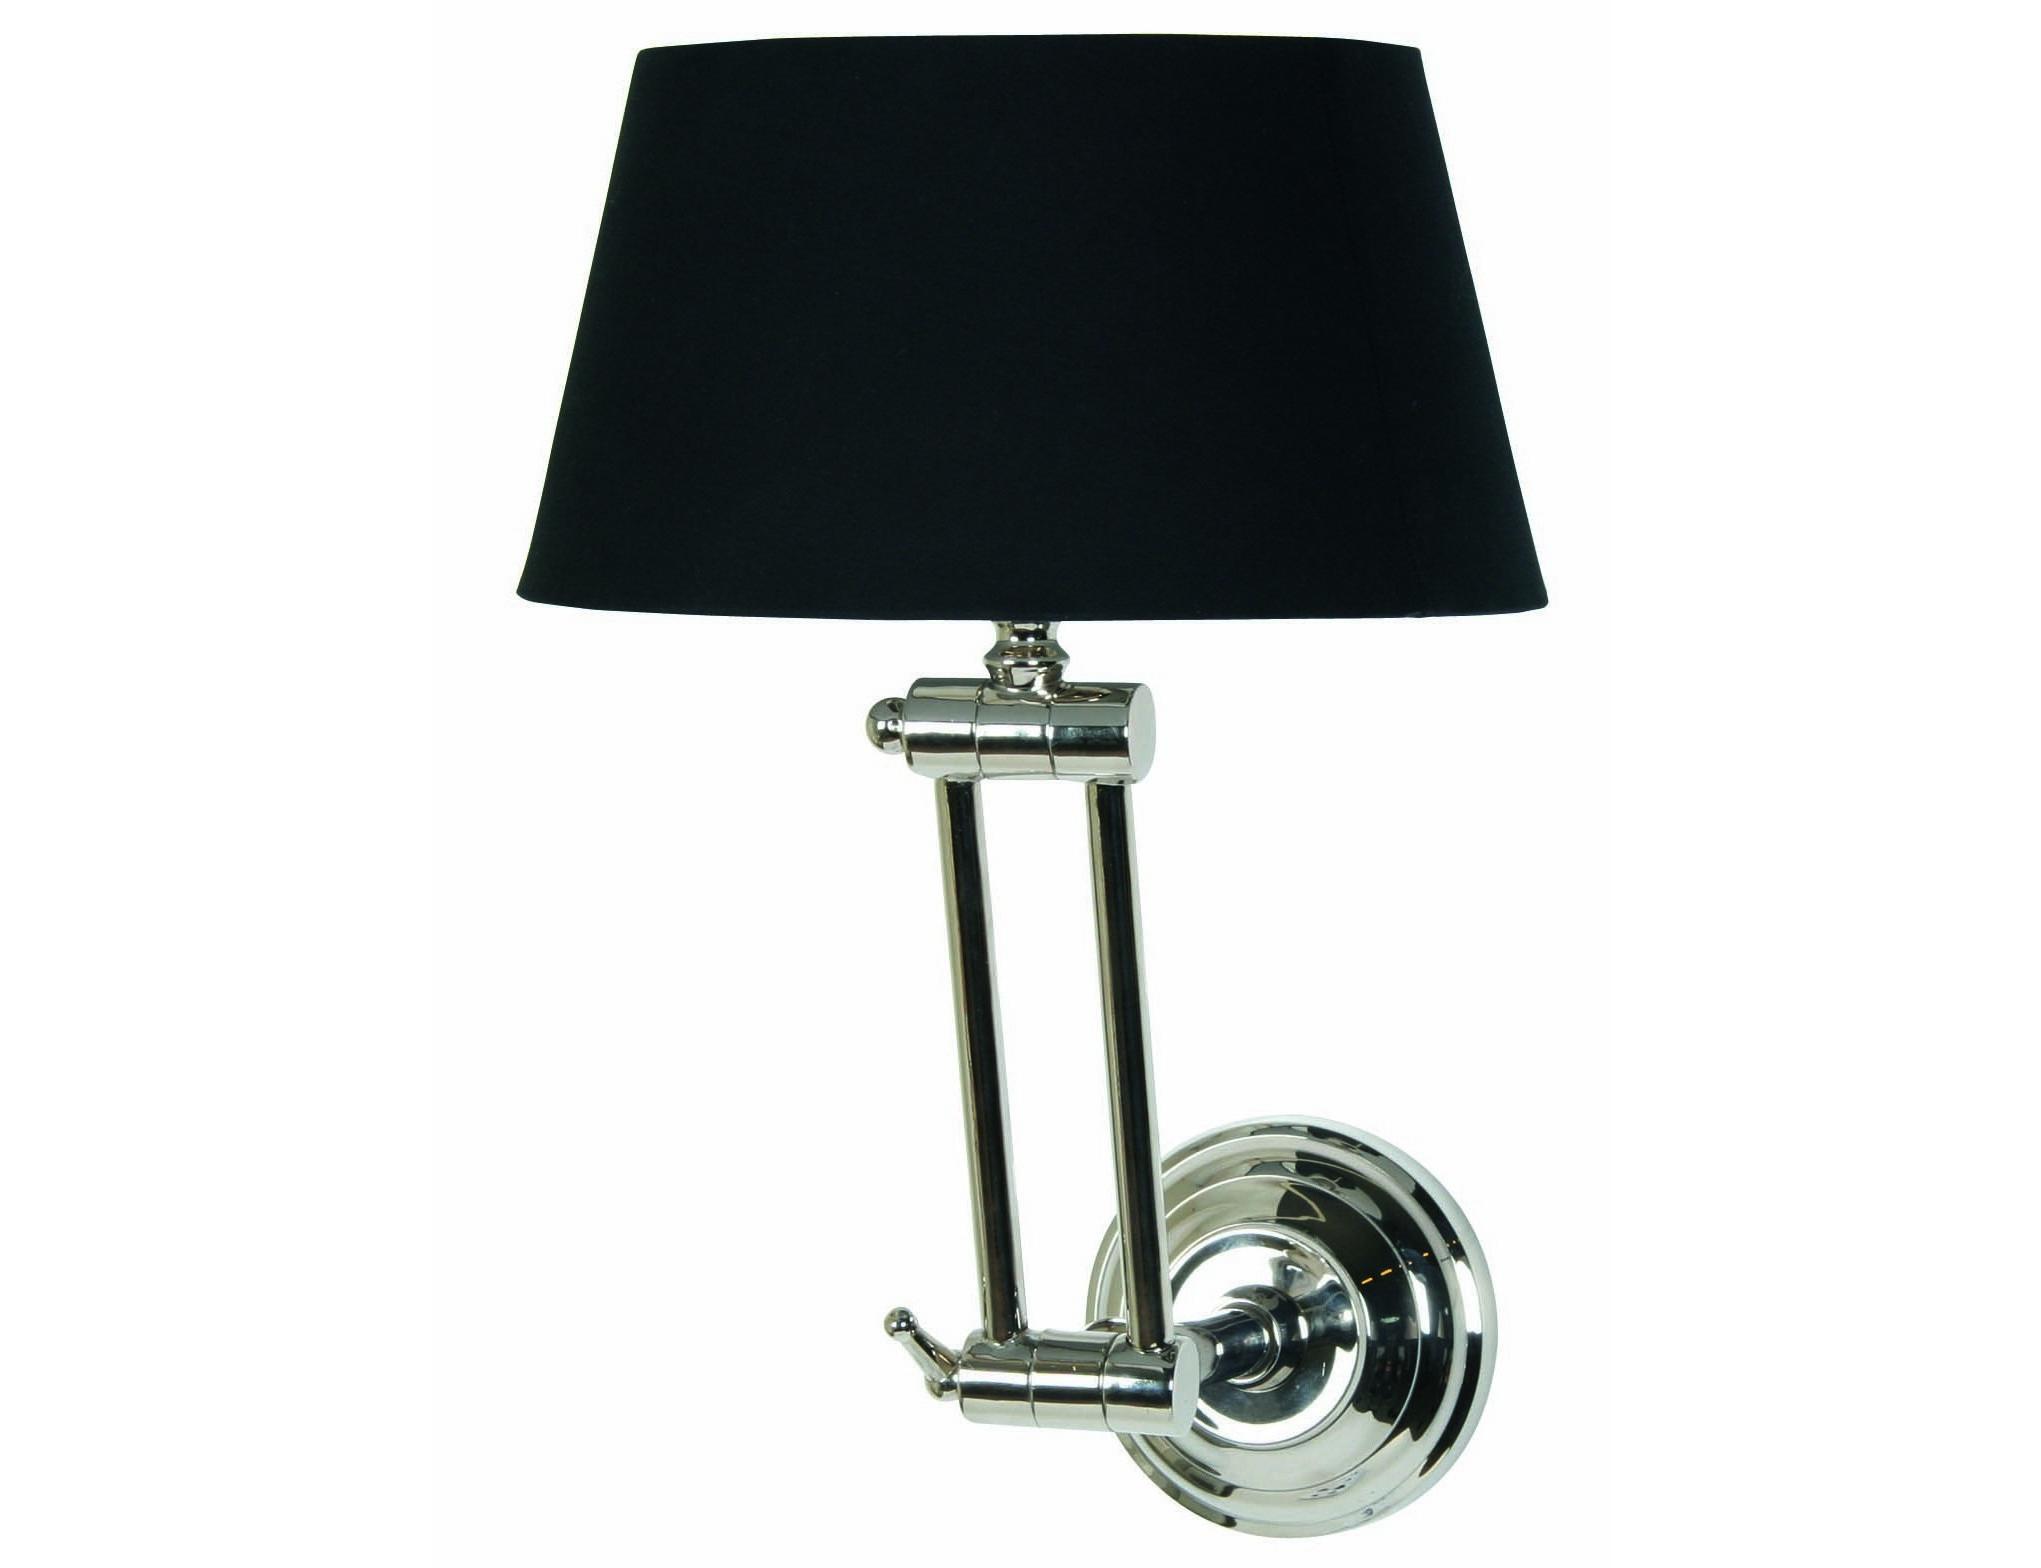 Настенный светильникБра<br>Бра с черным плафоном и серебряным основанием от датского бренда g&amp;amp;amp;c. Эта оригинальная модель гармонично сочетается с другими деталями интерьера в стиле fashion.&amp;amp;nbsp;&amp;lt;div&amp;gt;&amp;lt;br&amp;gt;&amp;lt;/div&amp;gt;&amp;lt;div&amp;gt;&amp;lt;div&amp;gt;Цоколь: E27,&amp;amp;nbsp;&amp;lt;/div&amp;gt;&amp;lt;div&amp;gt;Мощность лампы: 60W&amp;amp;nbsp;&amp;lt;/div&amp;gt;&amp;lt;div&amp;gt;Кол-во лампочек: 1 (в комплект не входит)&amp;lt;/div&amp;gt;&amp;lt;/div&amp;gt;<br><br>Material: Металл<br>Width см: 13<br>Depth см: 13<br>Height см: 40